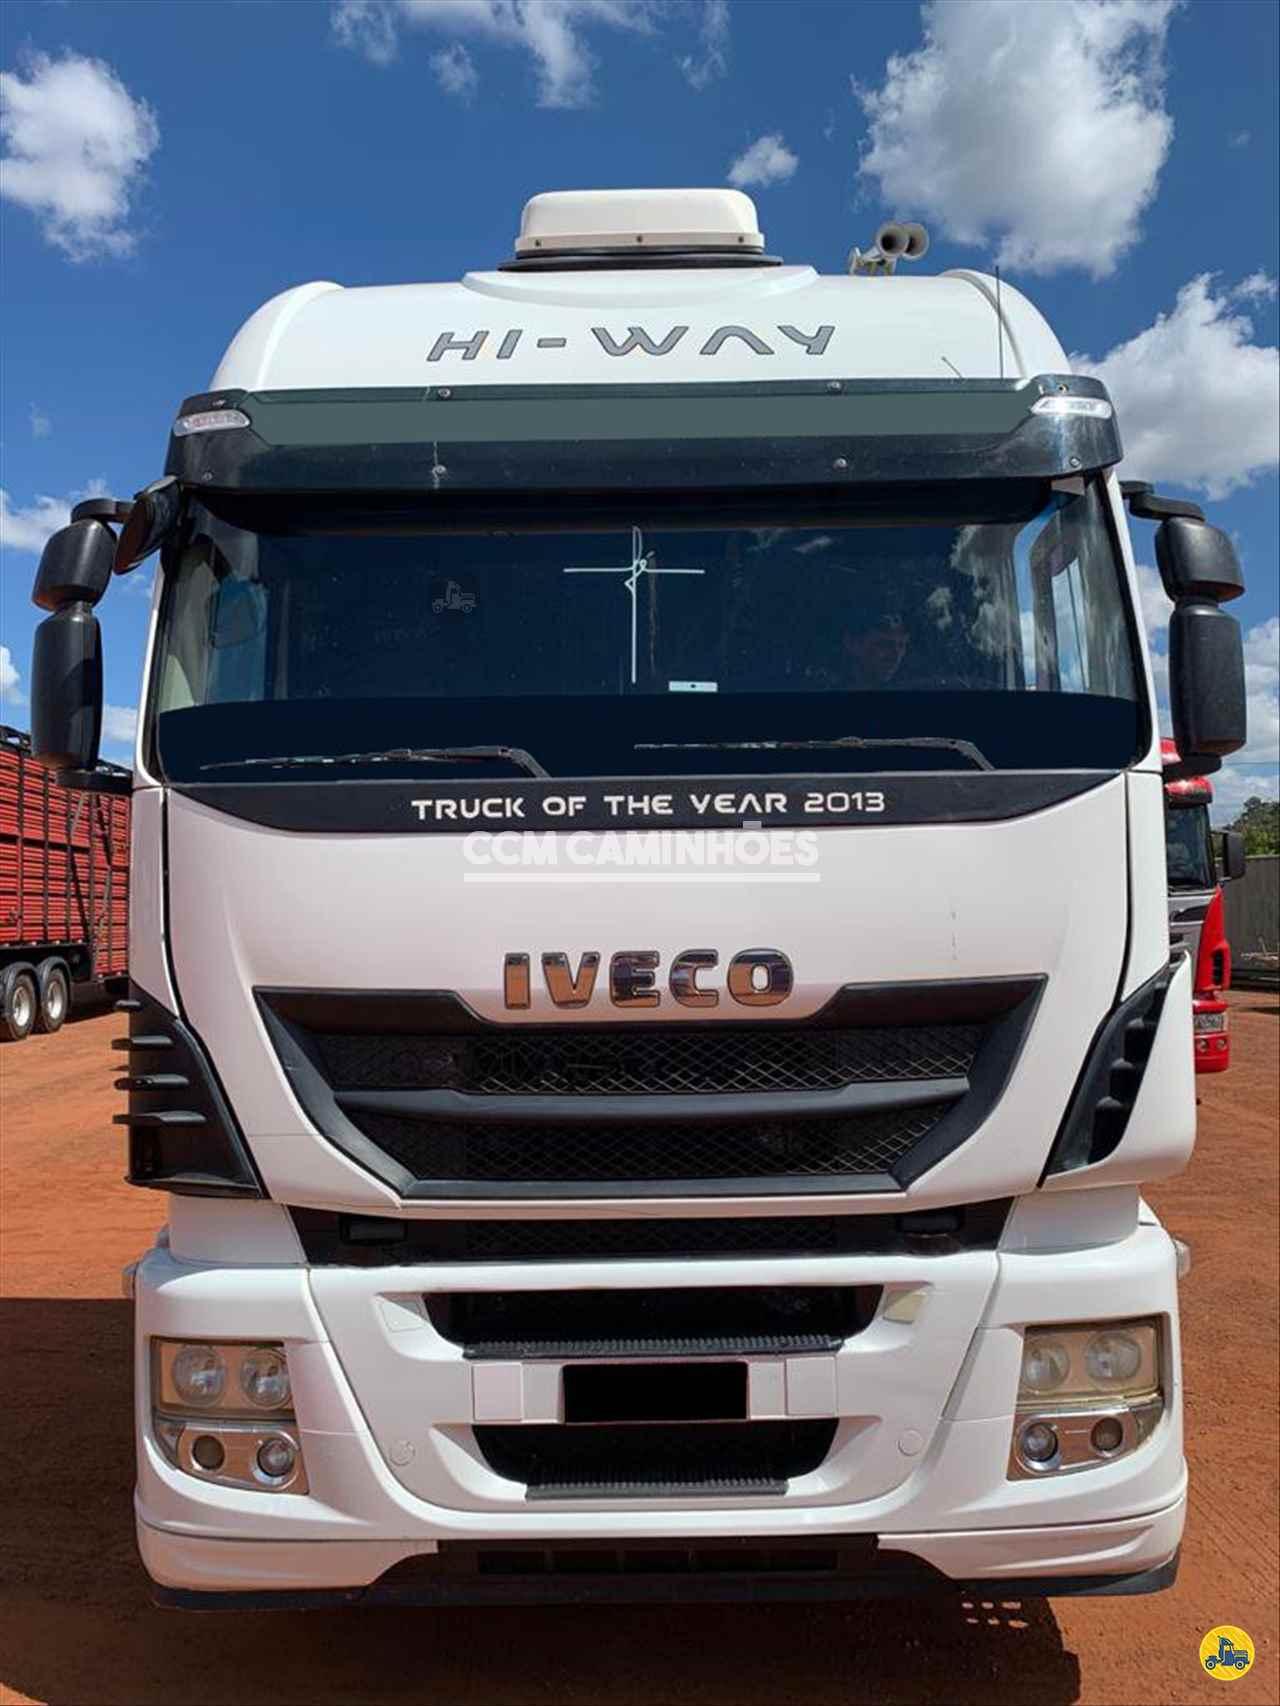 CAMINHAO IVECO STRALIS 480 Cavalo Mecânico Truck 6x2 CCM Caminhões GOIANIA GOIAS GO